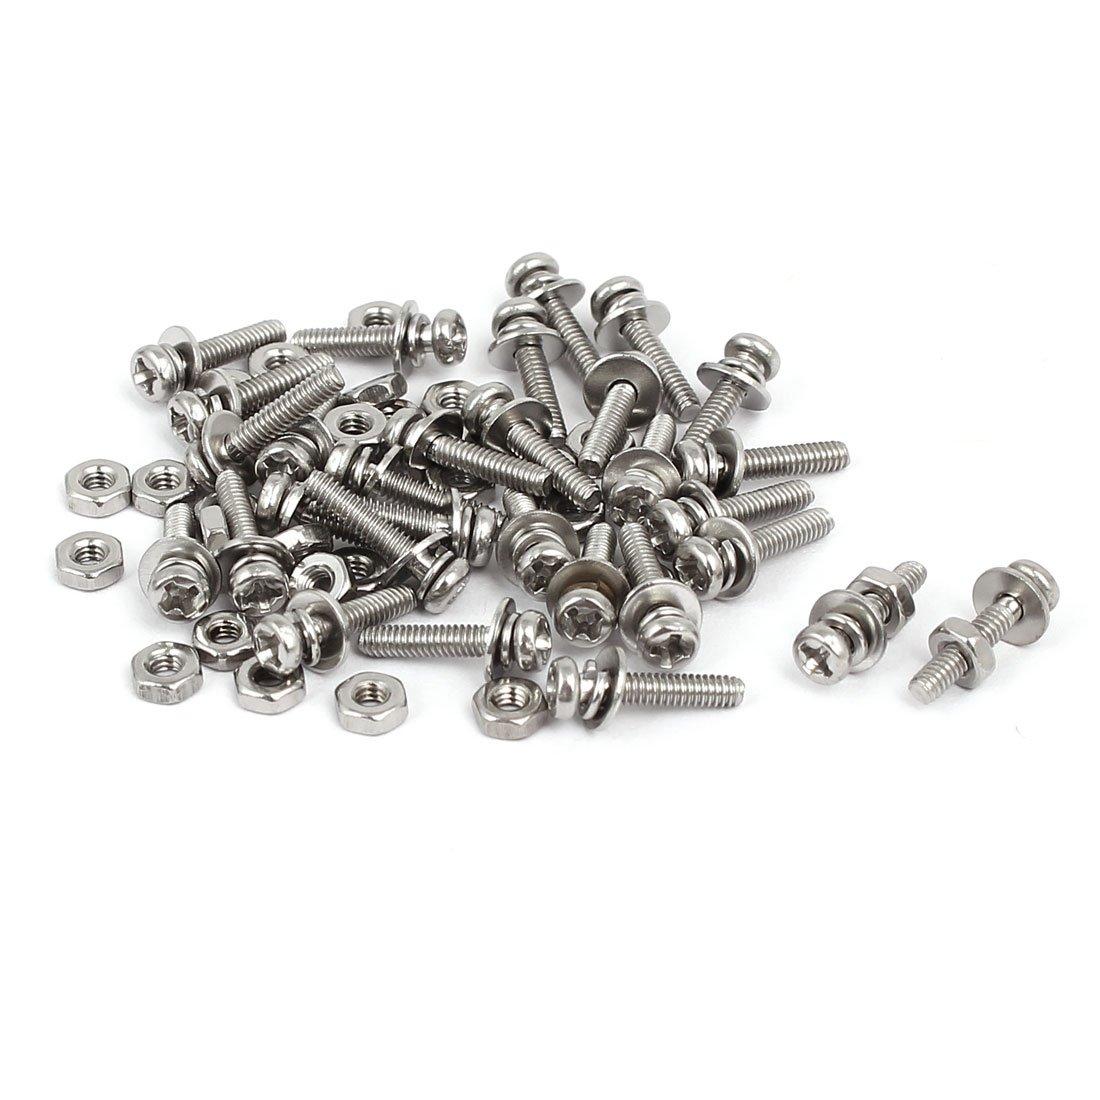 sourcingmap® M2 x 10mm Tornillos de cabeza plana de acero inoxidable 304 con tuercas con arandeas 30 pcs